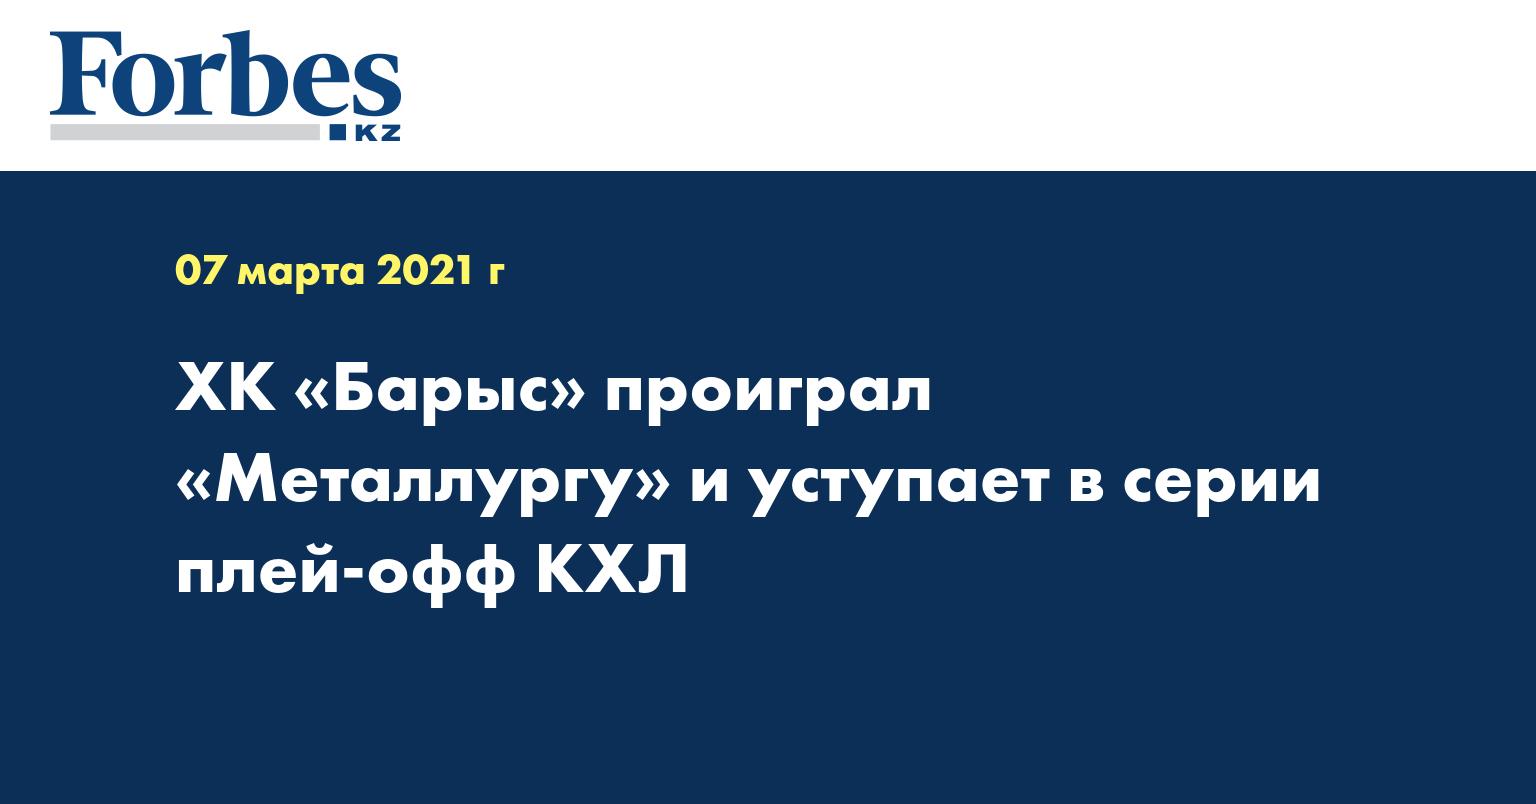 ХК «Барыс» проиграл «Металлургу» и уступает в серии плей-офф КХЛ